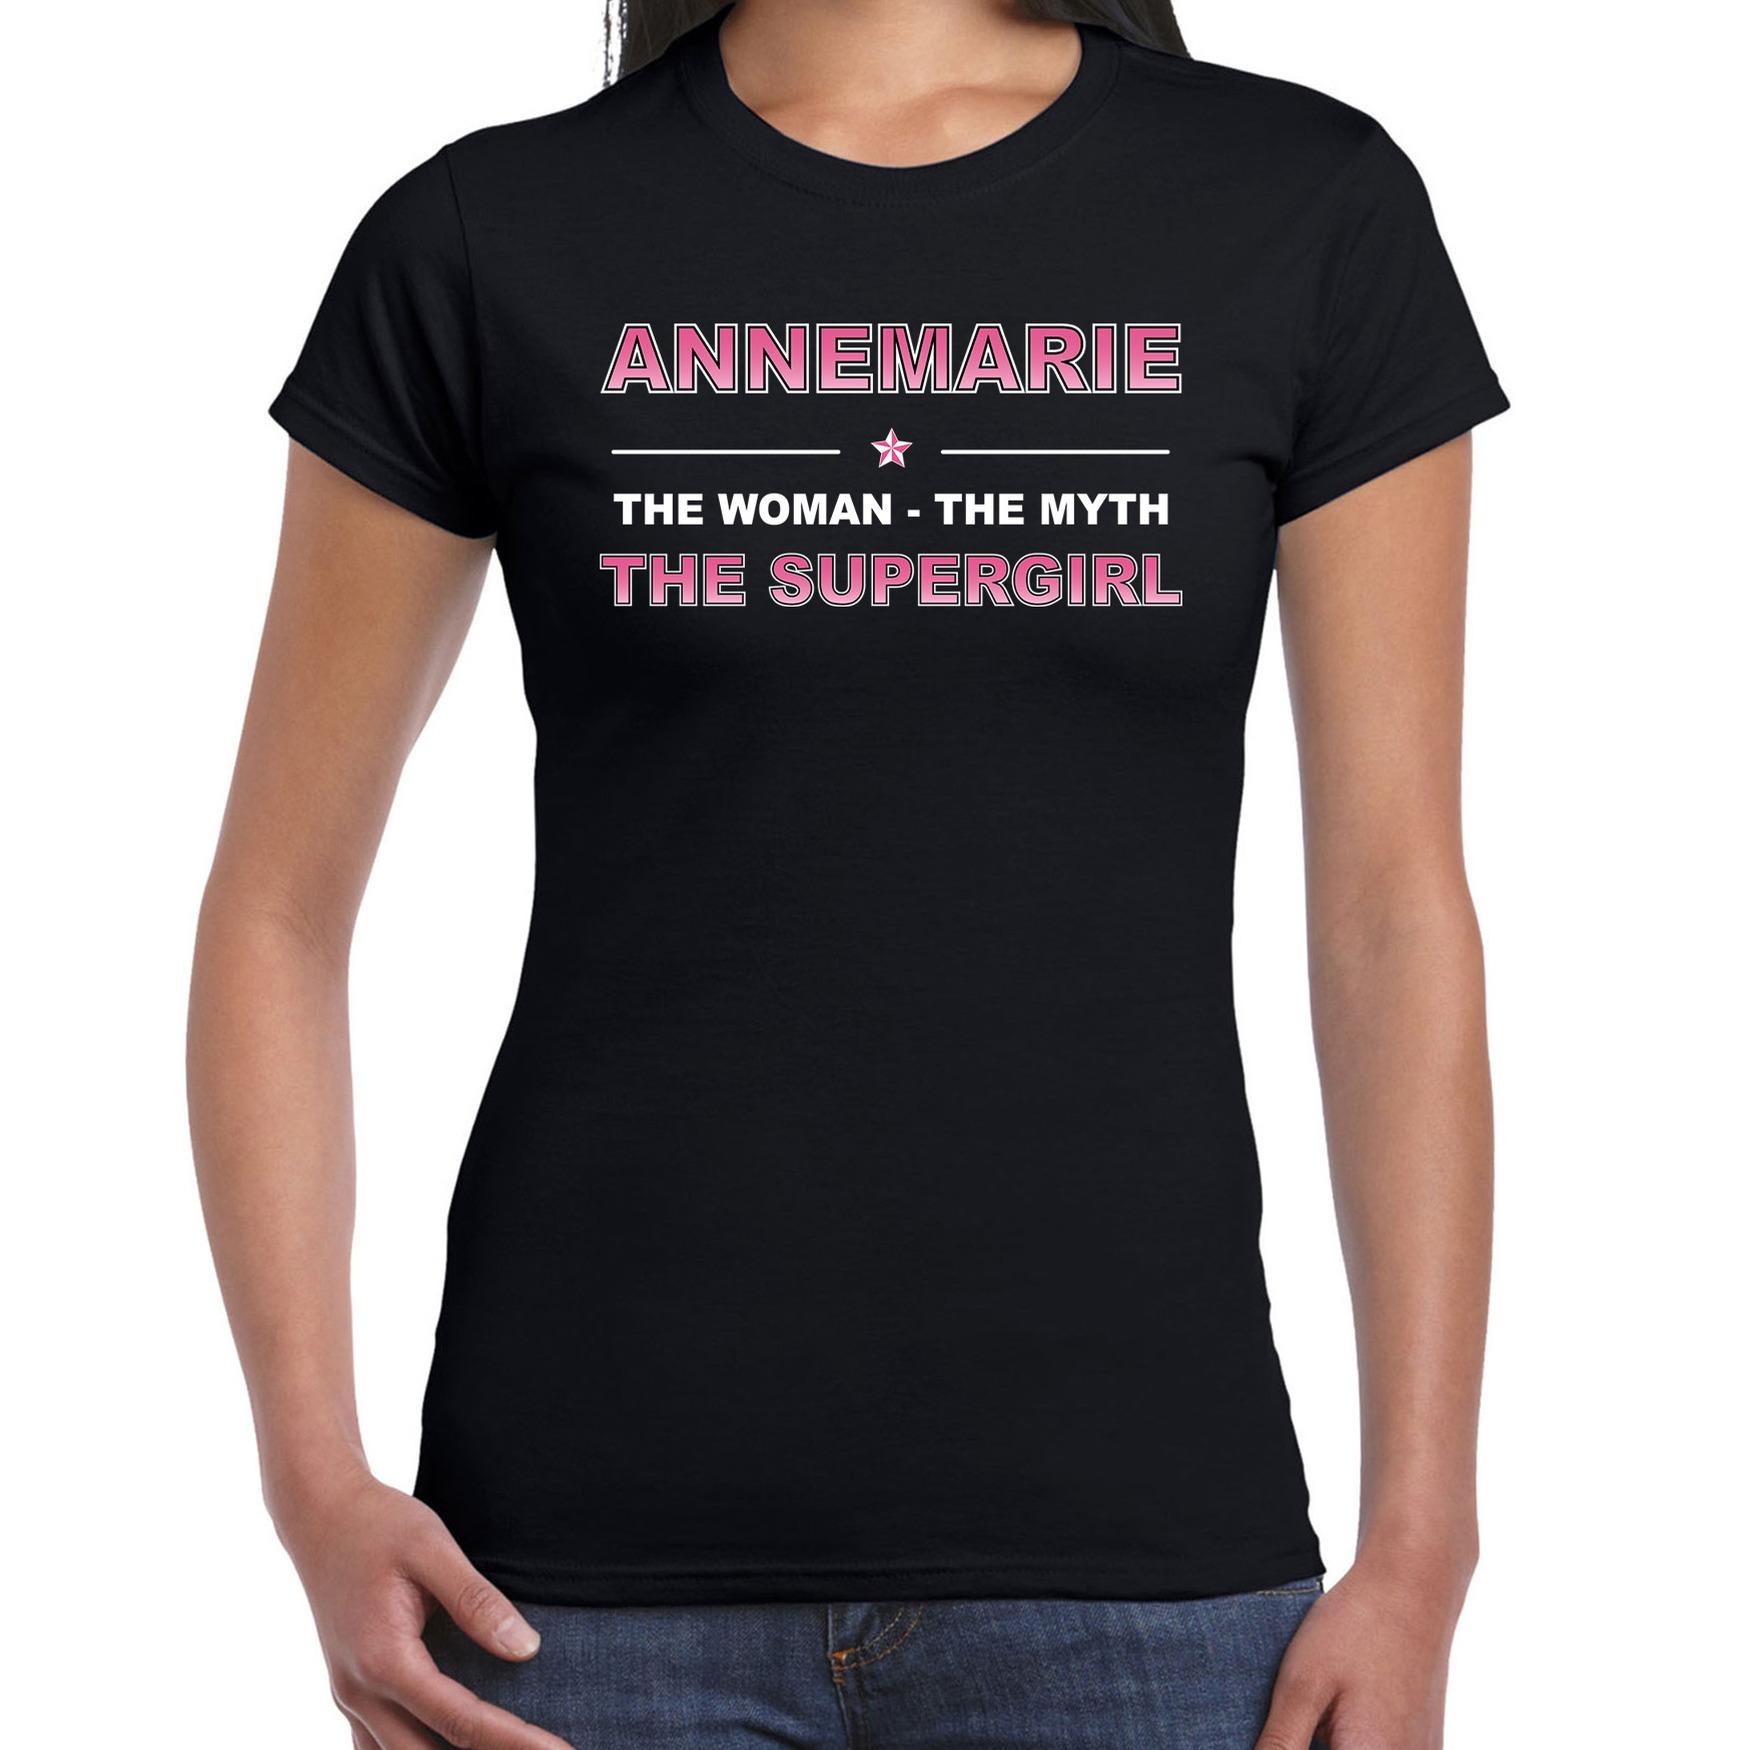 Naam cadeau t-shirt / shirt Annemarie - the supergirl zwart voor dames